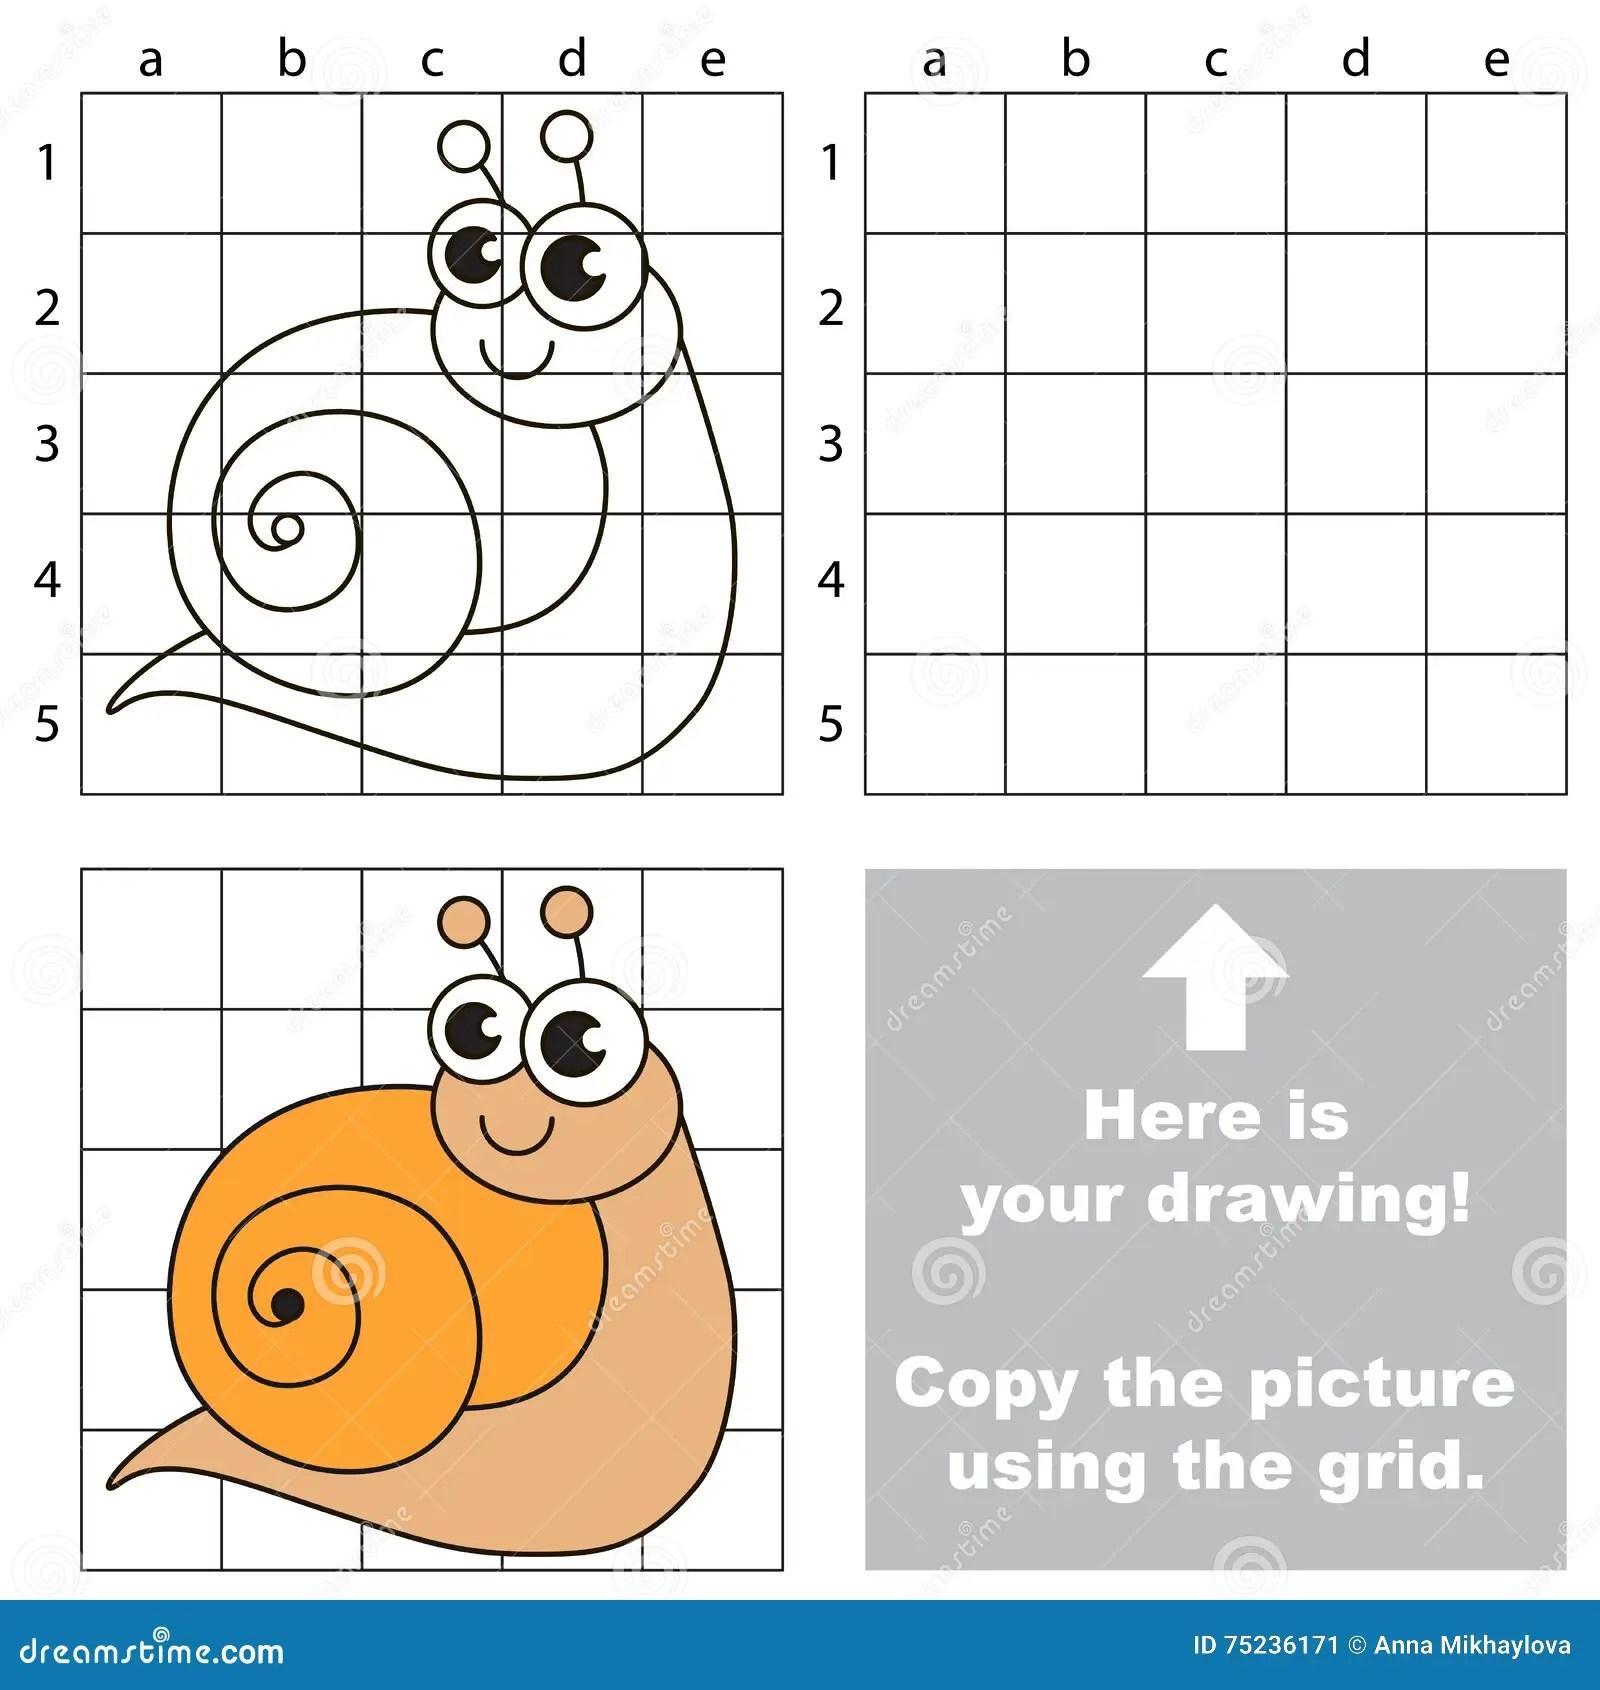 Easy Grid Drawing Worksheet